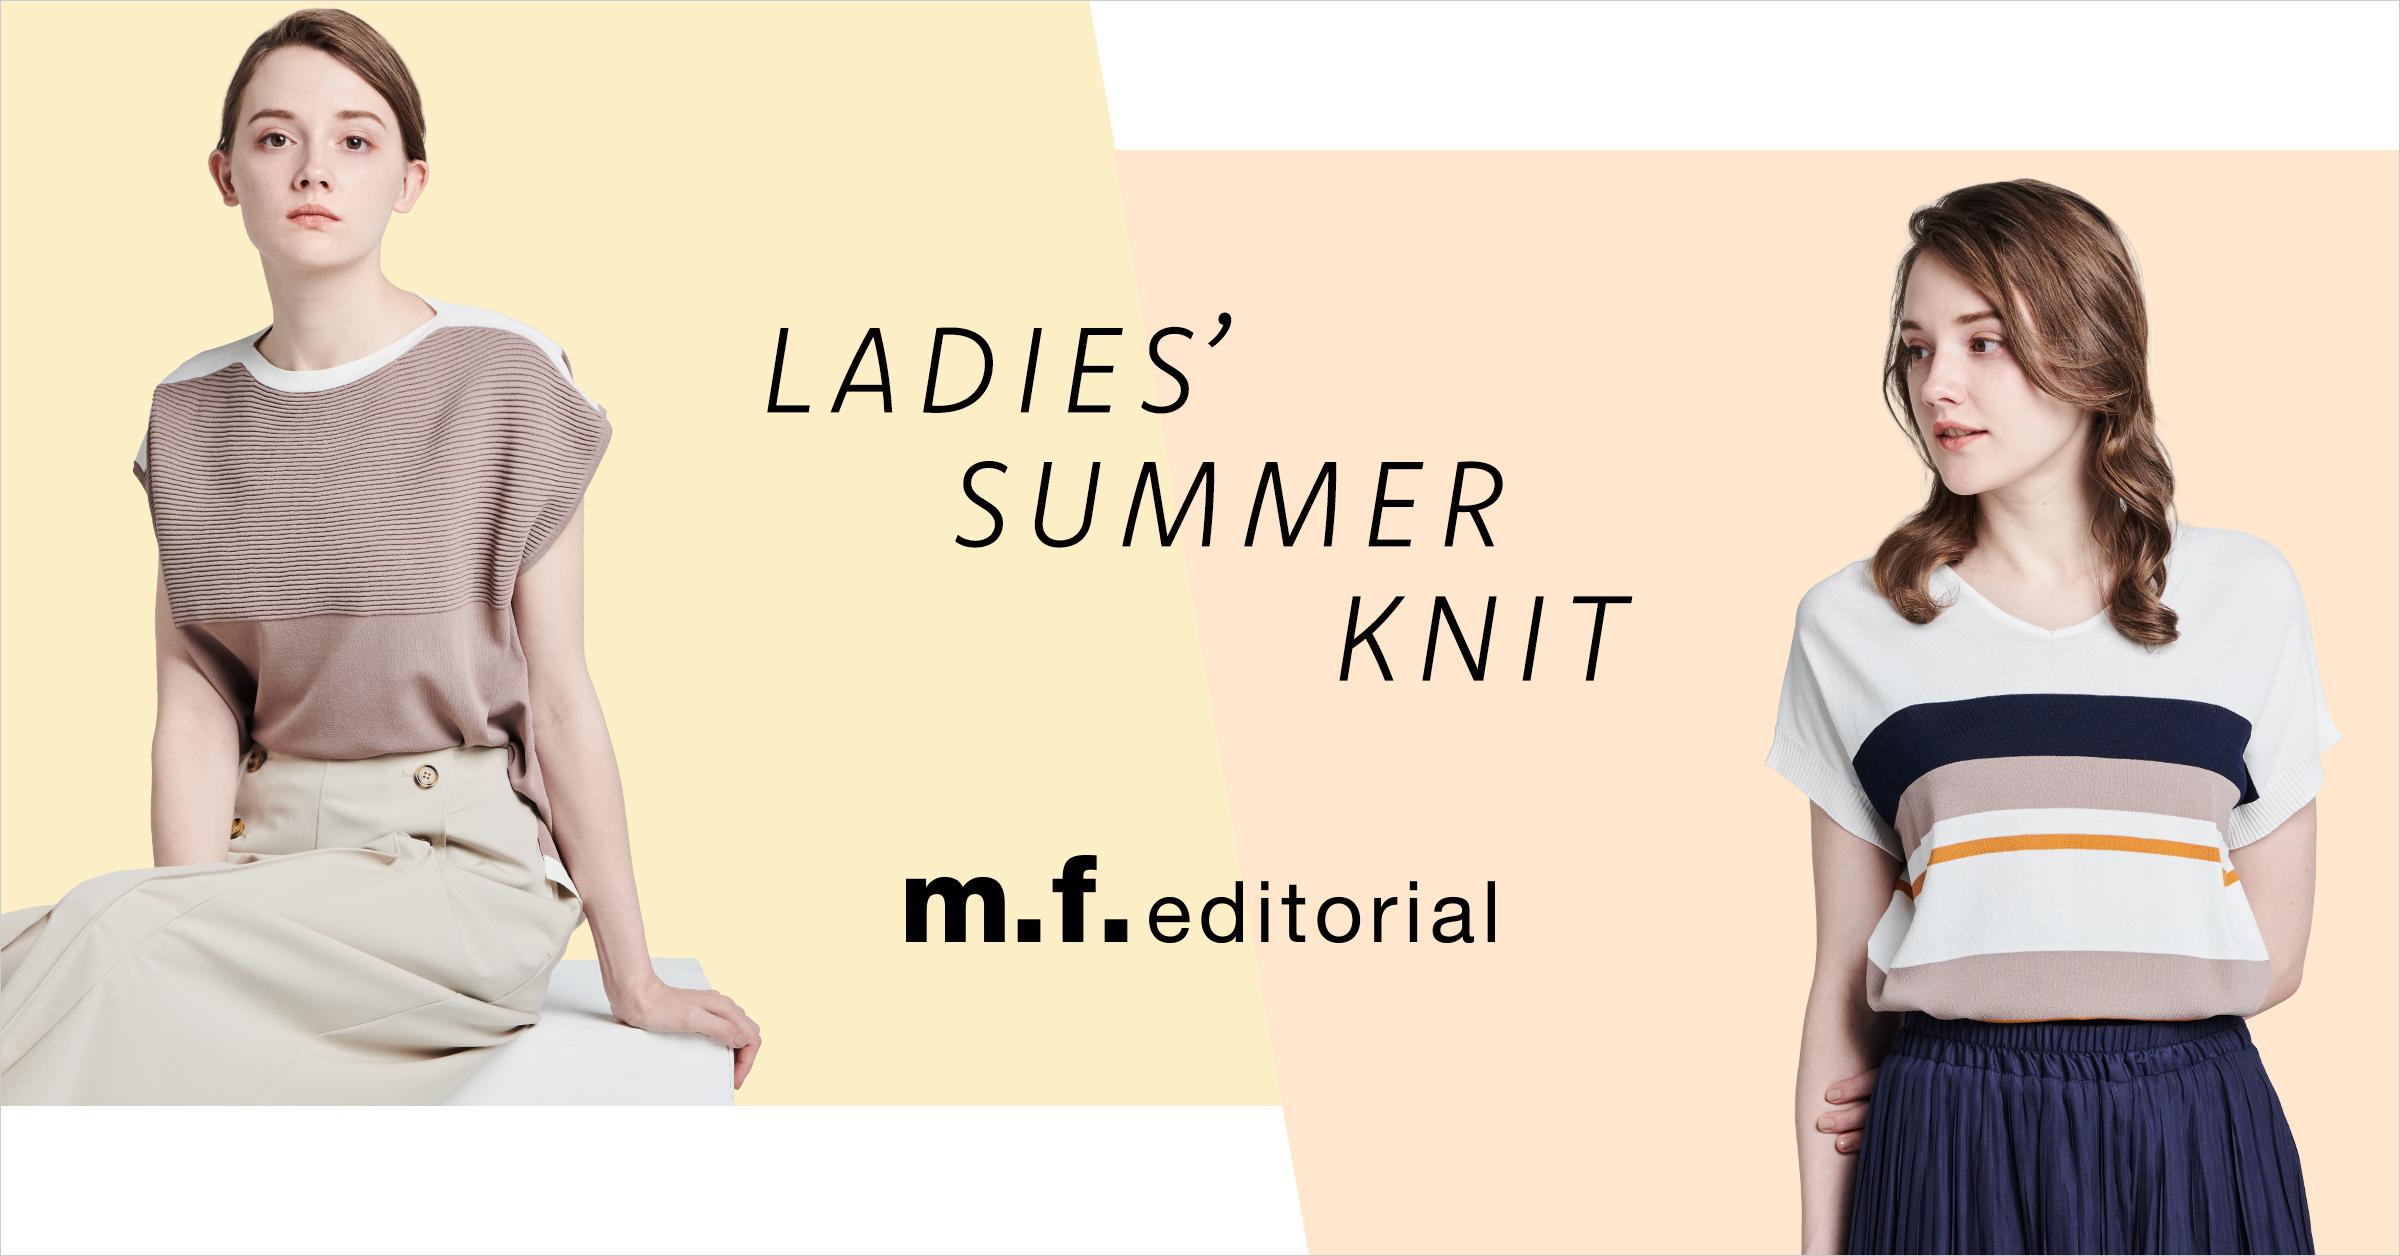 Ladies' Summer Knit